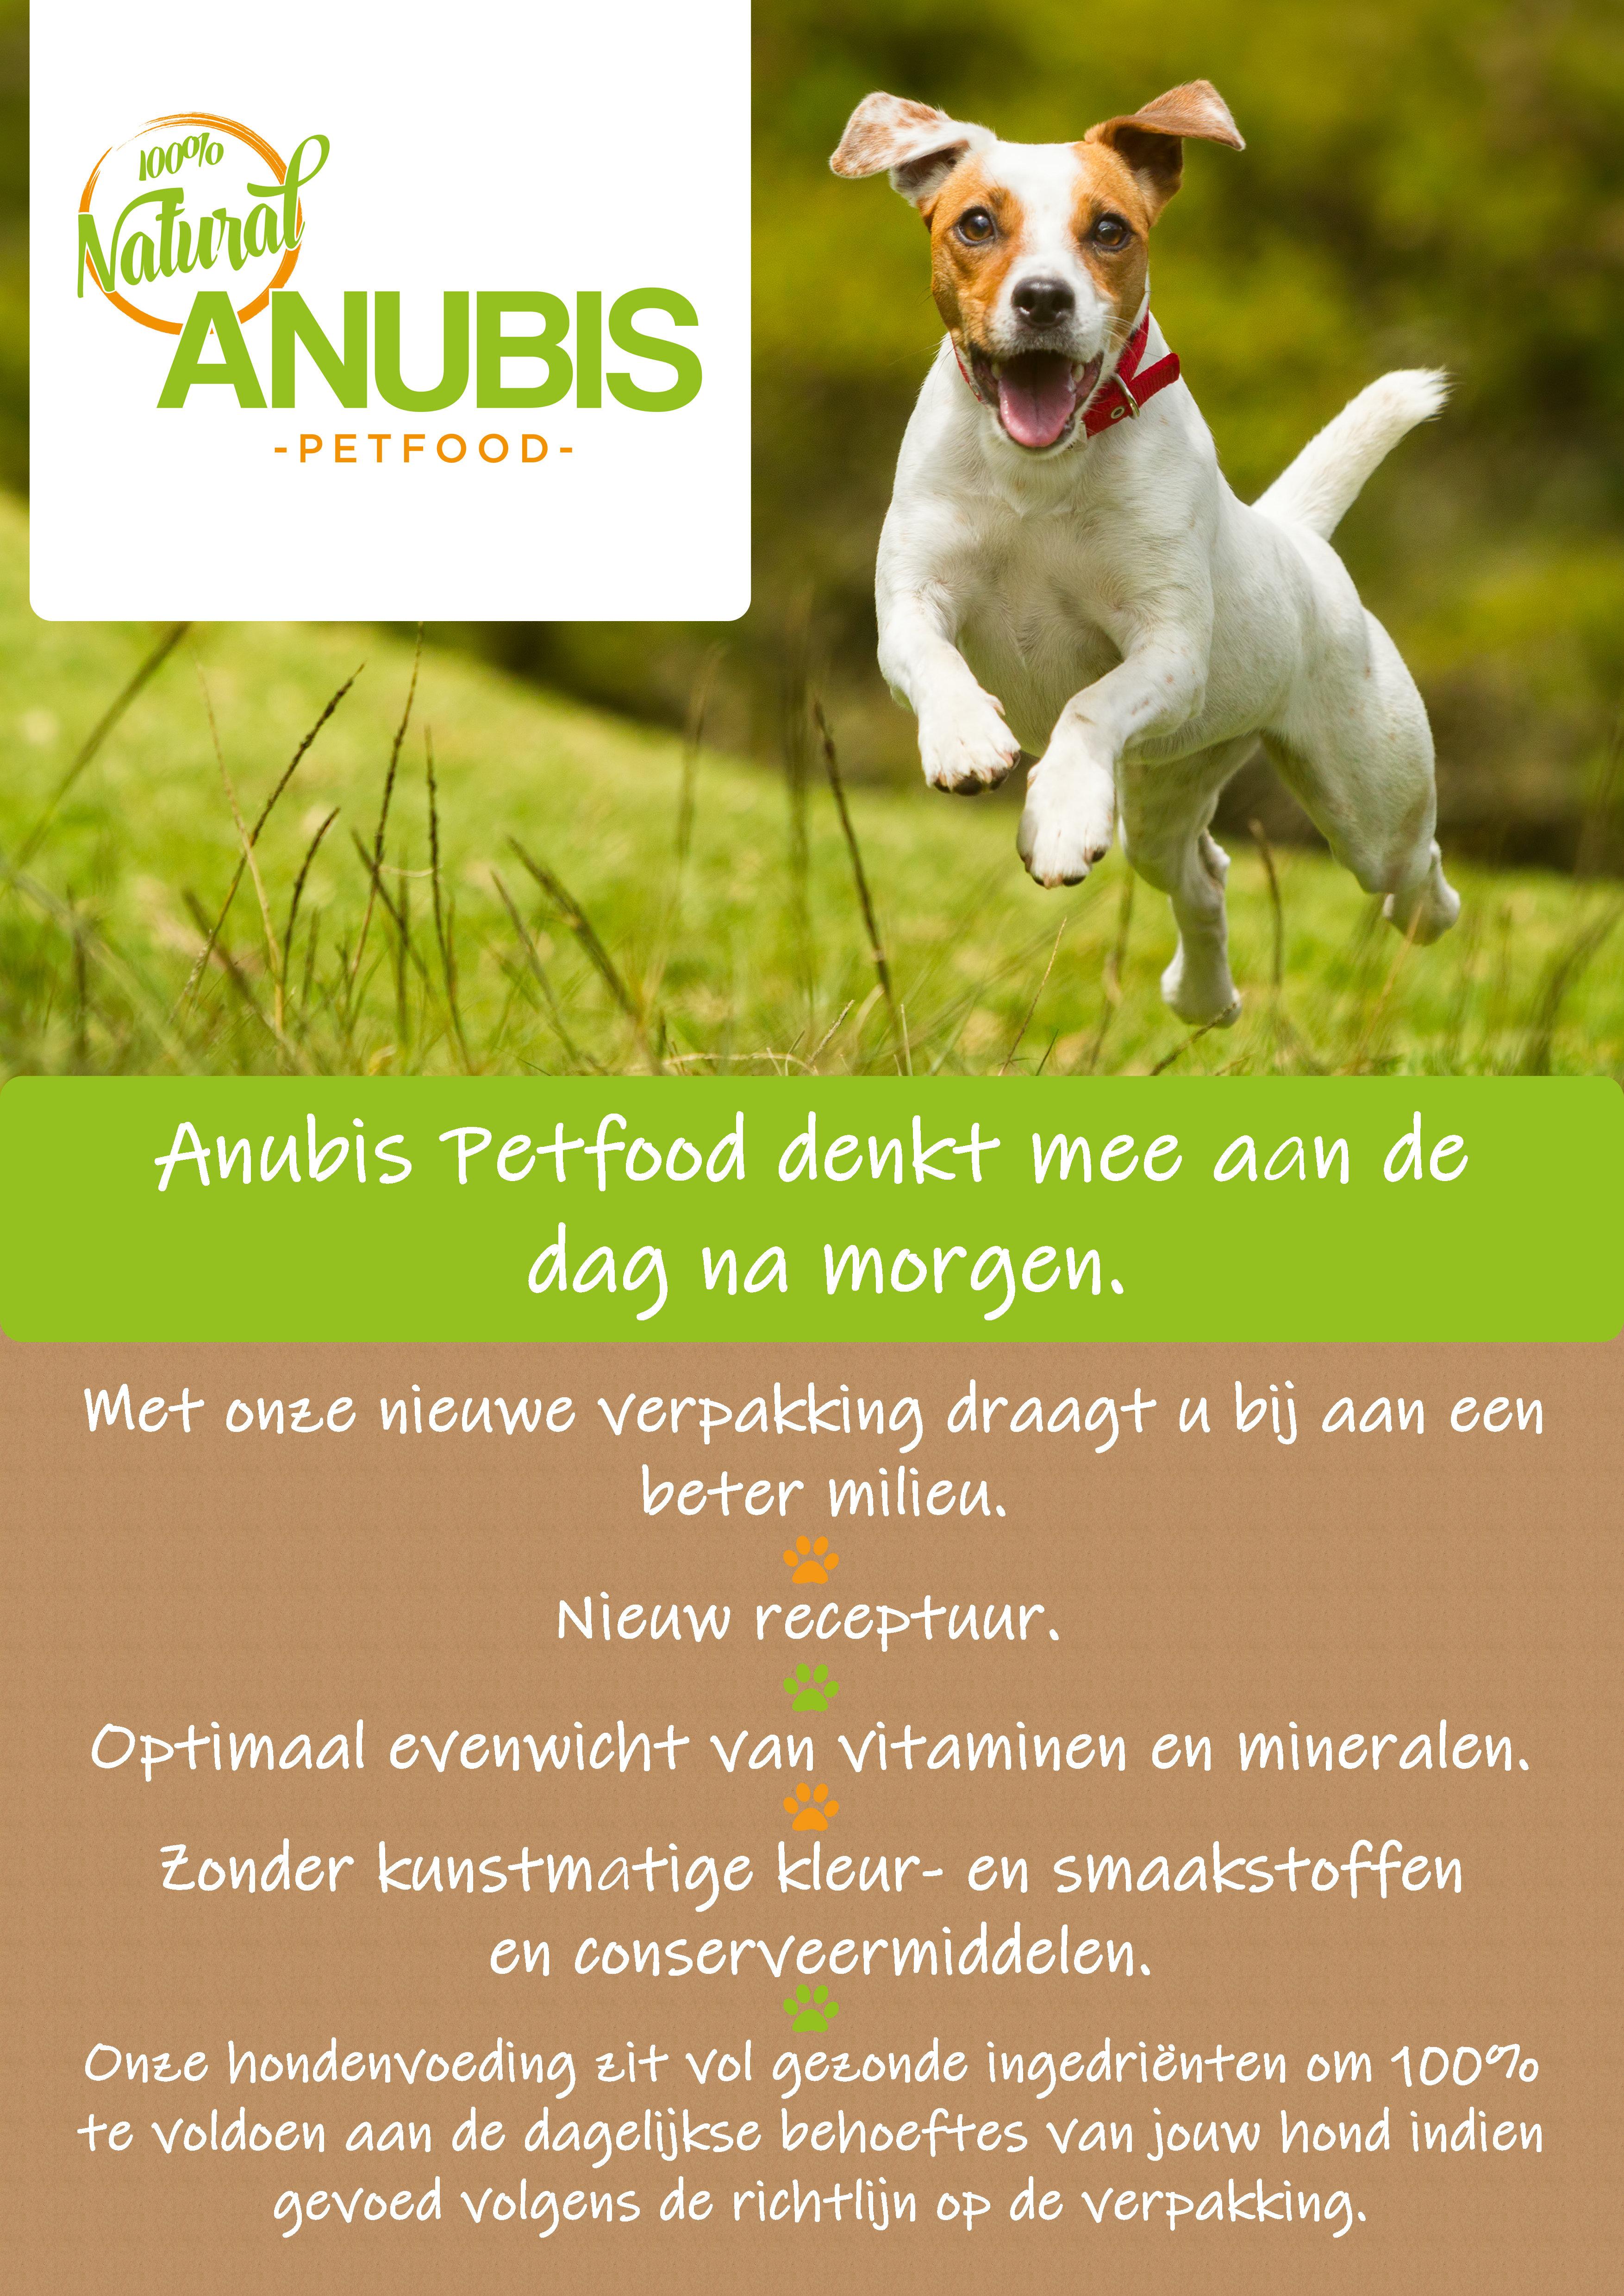 ANUBIS PETFOOD - Anubis Petfood